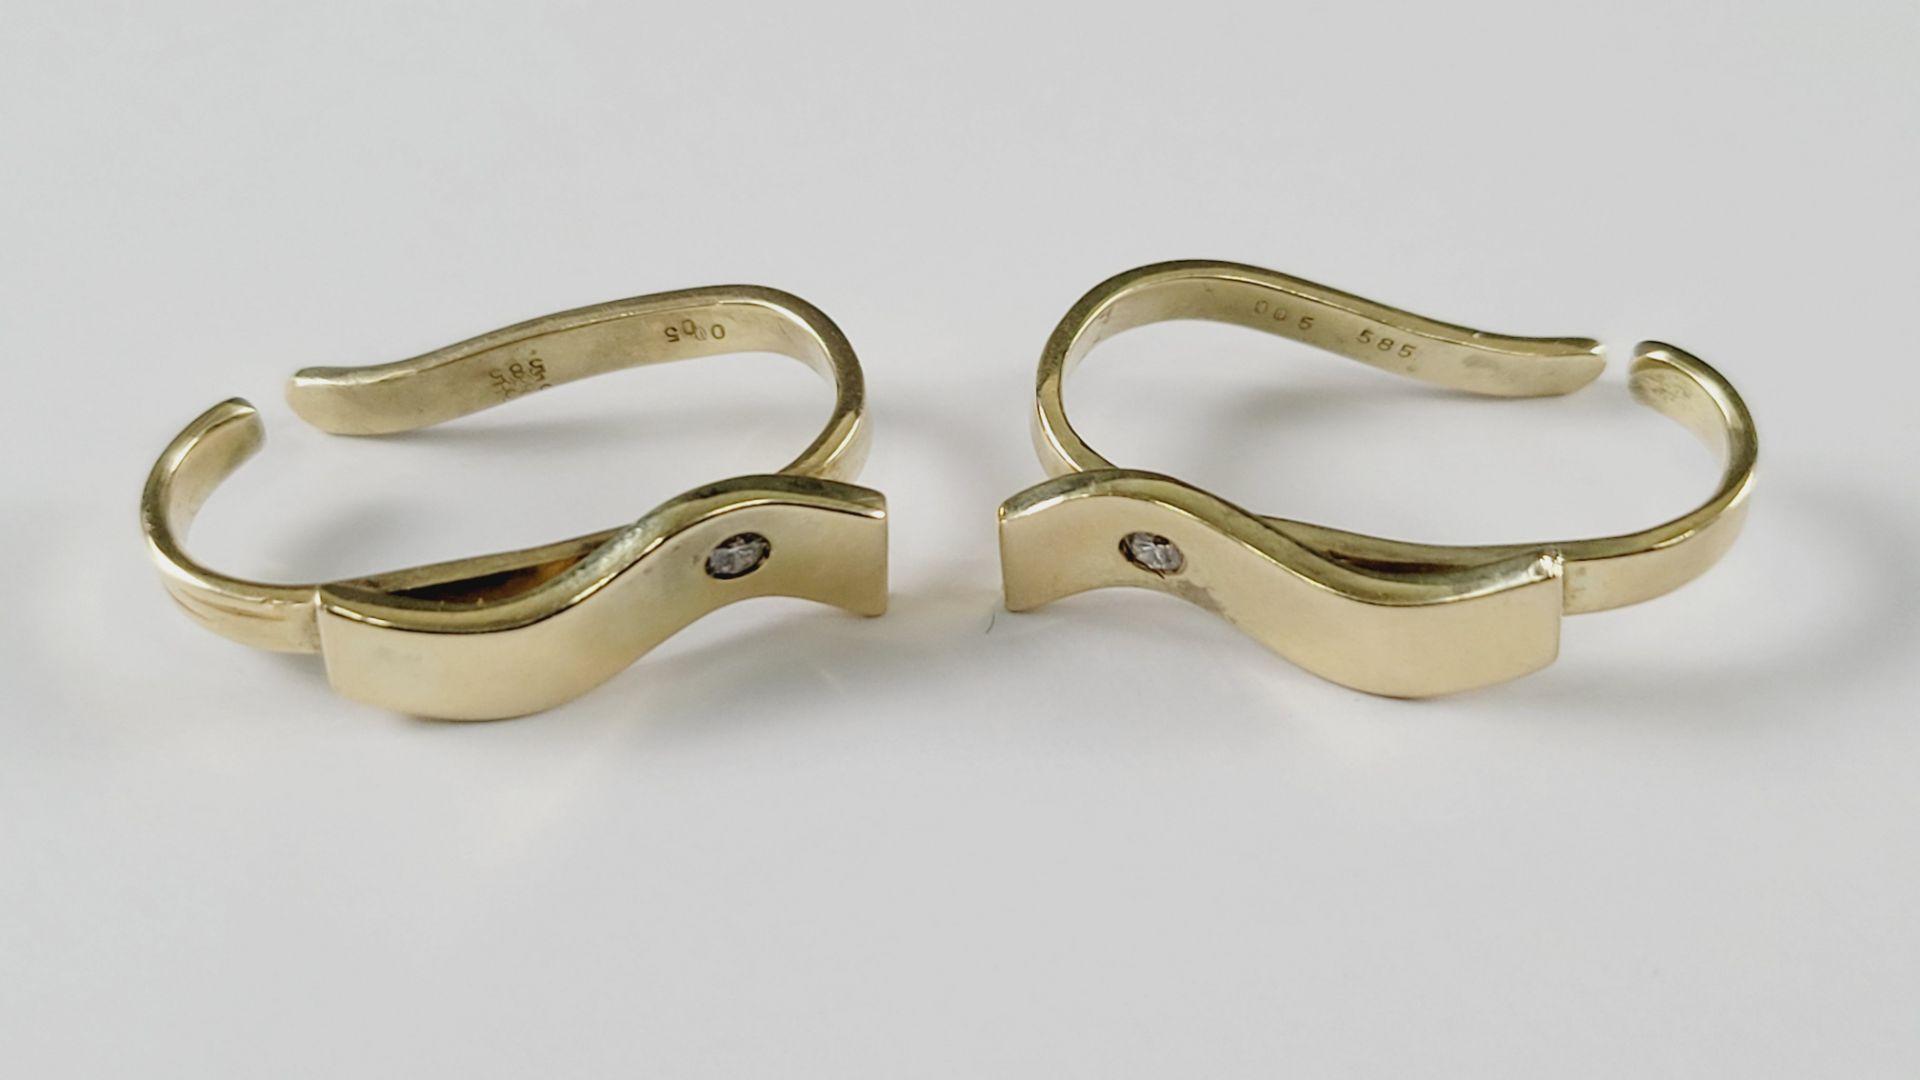 Tuchringe mit Diamanten, 14 Karat Gelbgold - Bild 2 aus 2